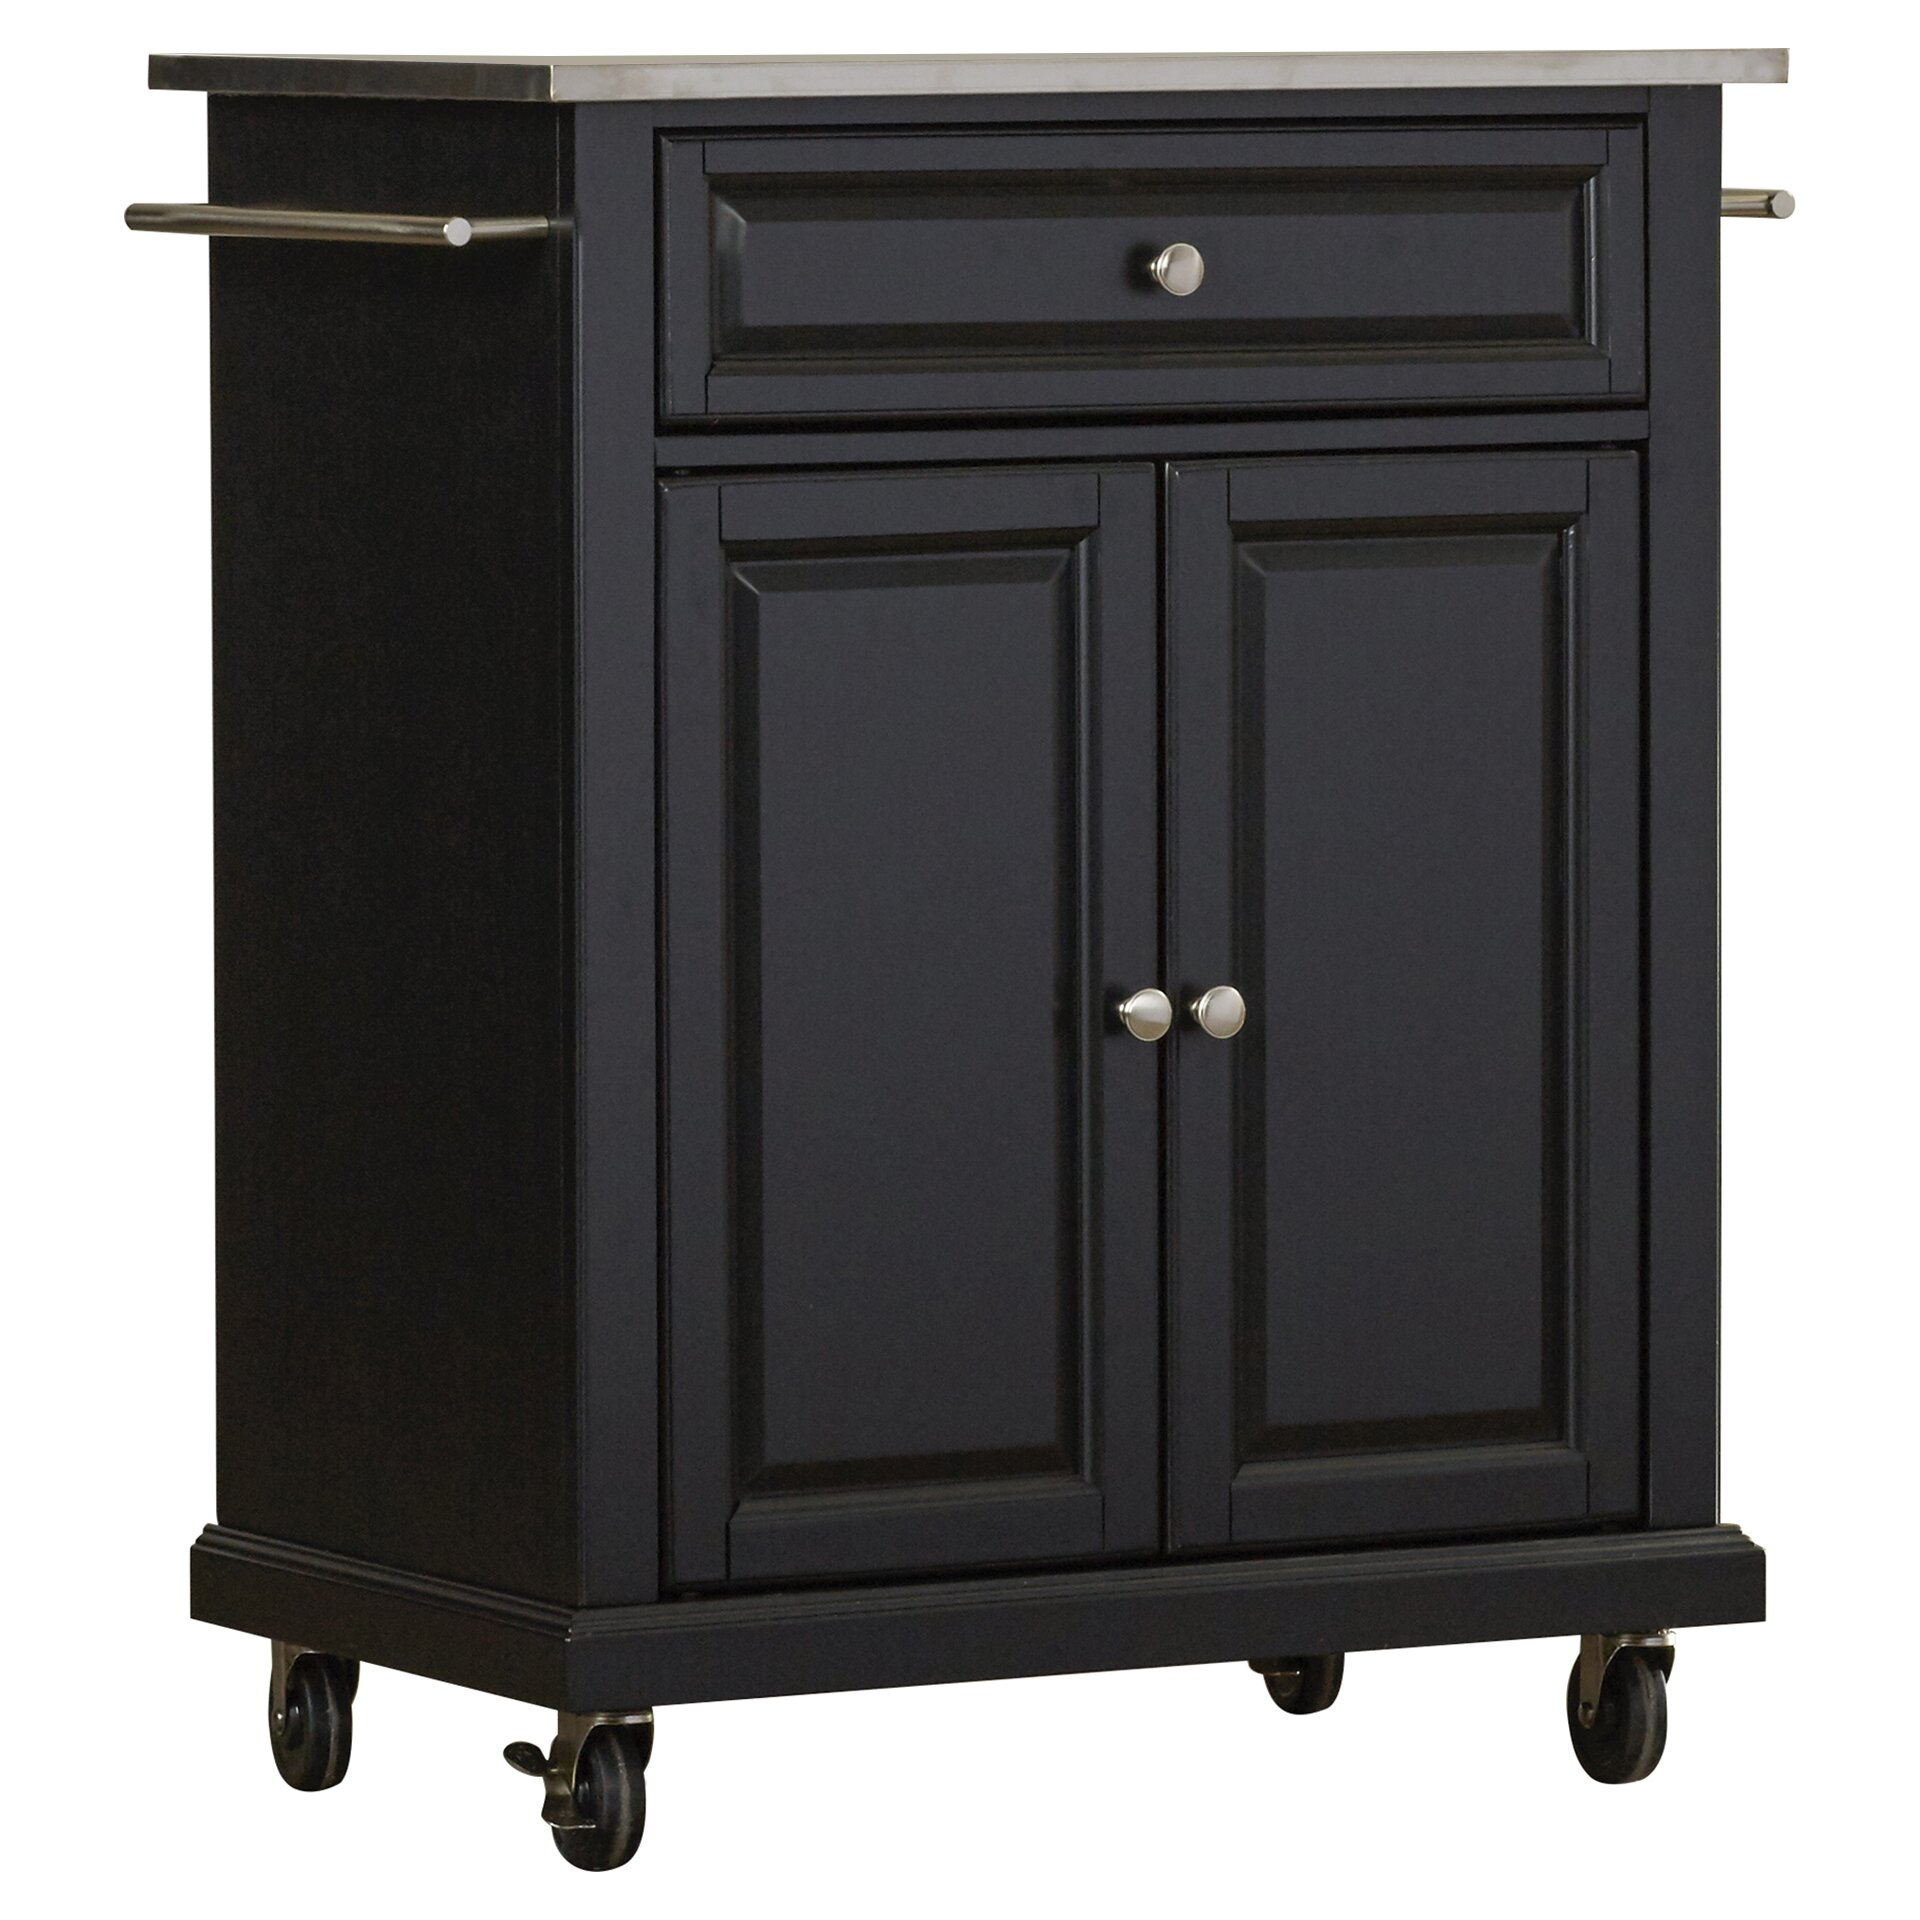 charlton home bainbridge kitchen cart with stainless steel top, Kitchen design